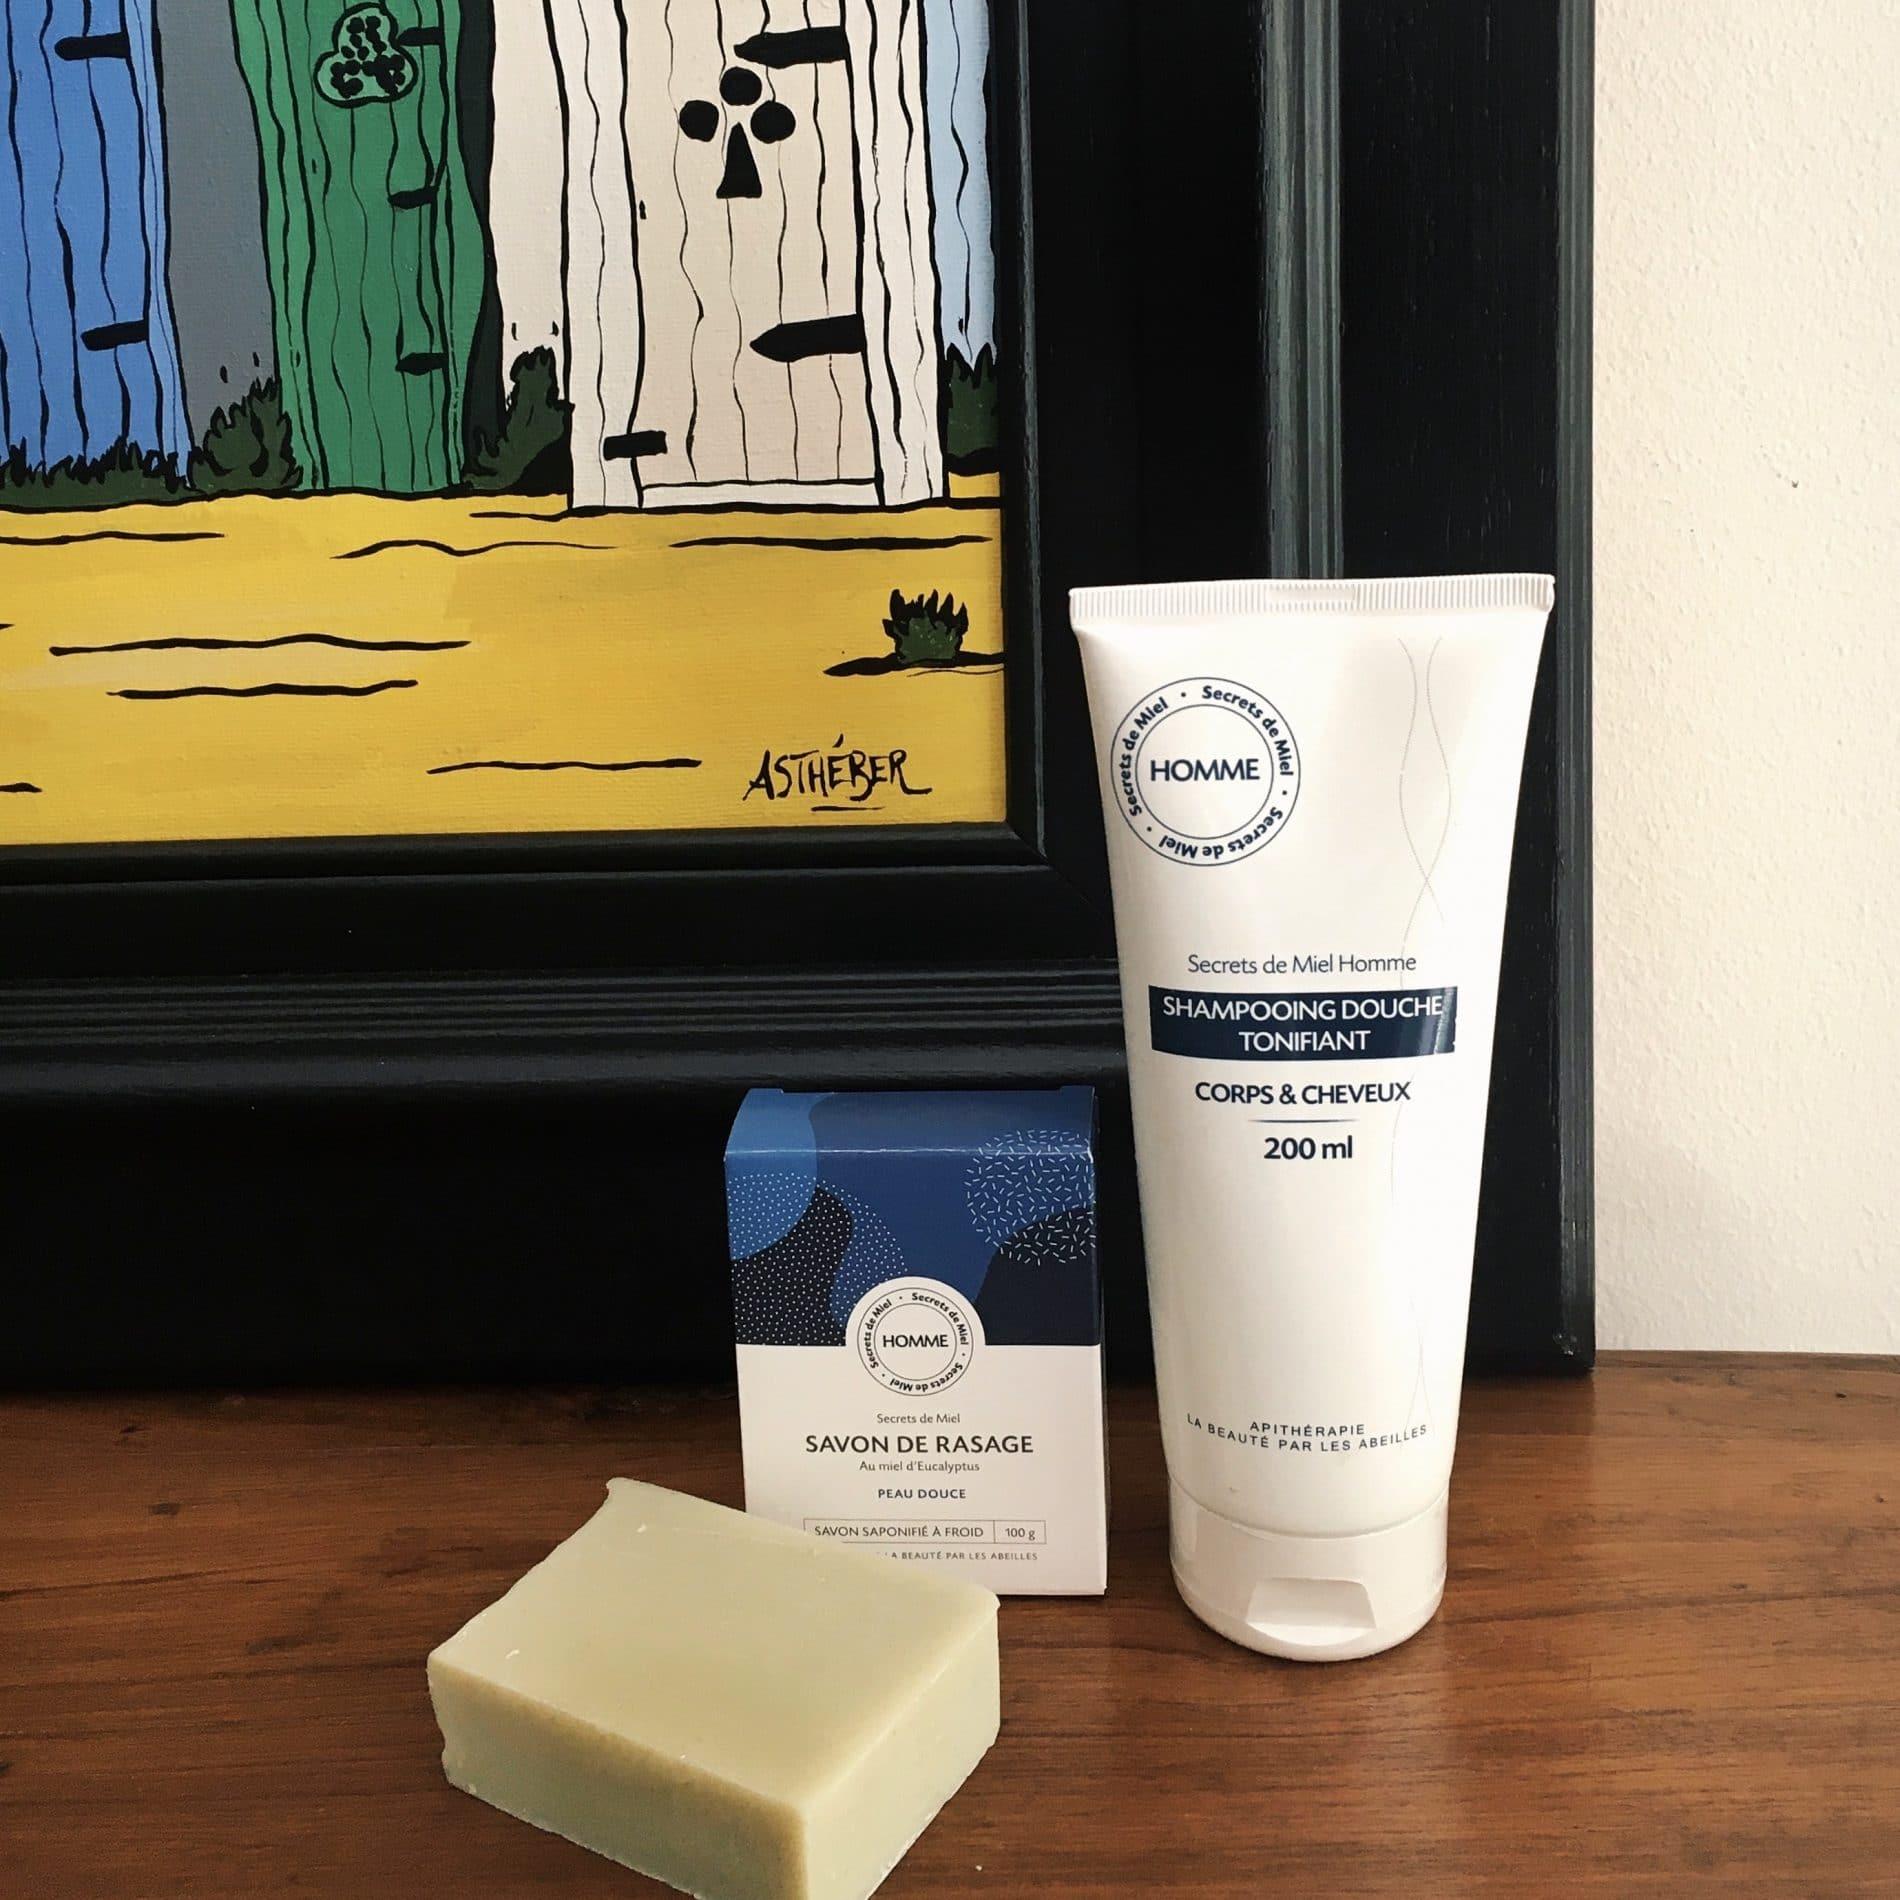 Shampooing douche tonifiant - Secrets de Miel - produits naturels - shampooing homme - apithérapie - shampooings naturels